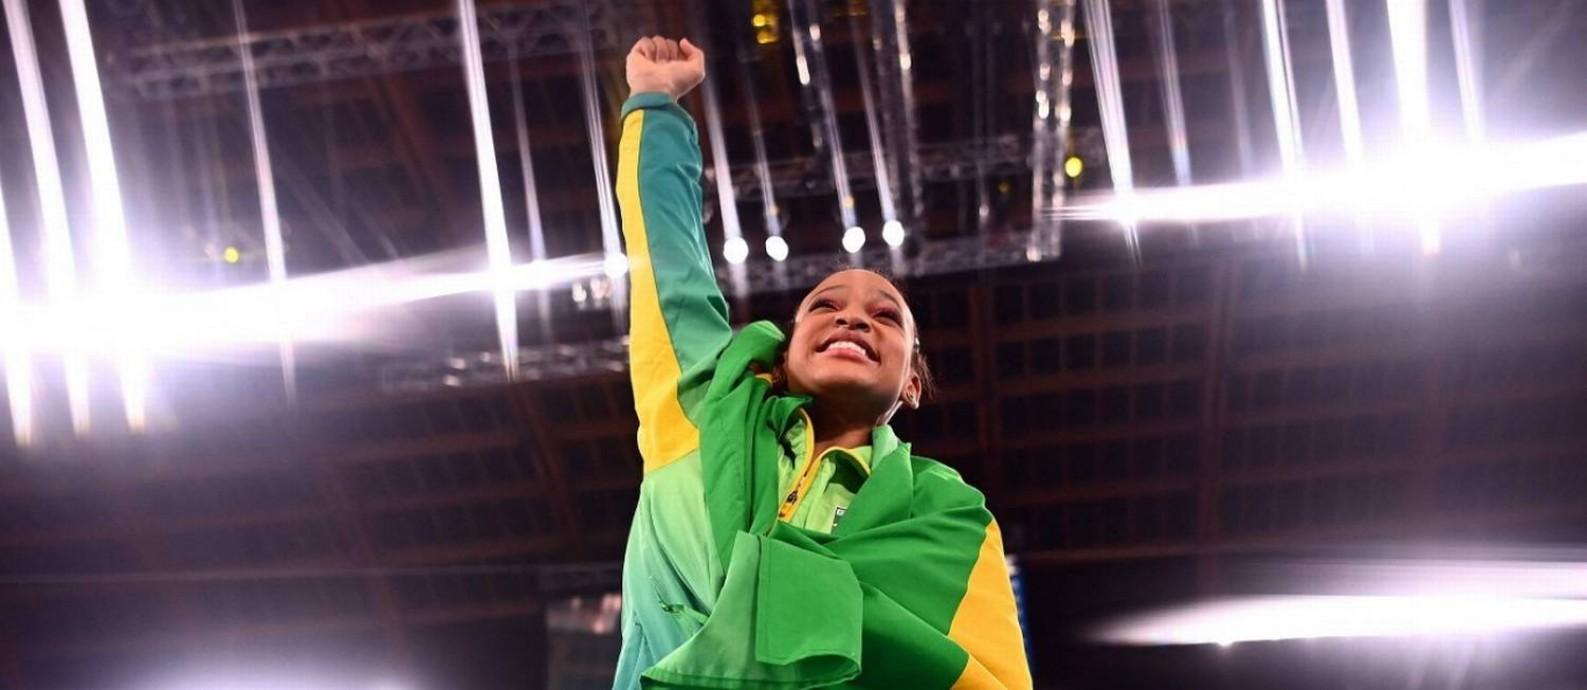 Rebeca Andrade: duas medalhas olímpicas em Tóquio Foto: Loic Venance/AFP